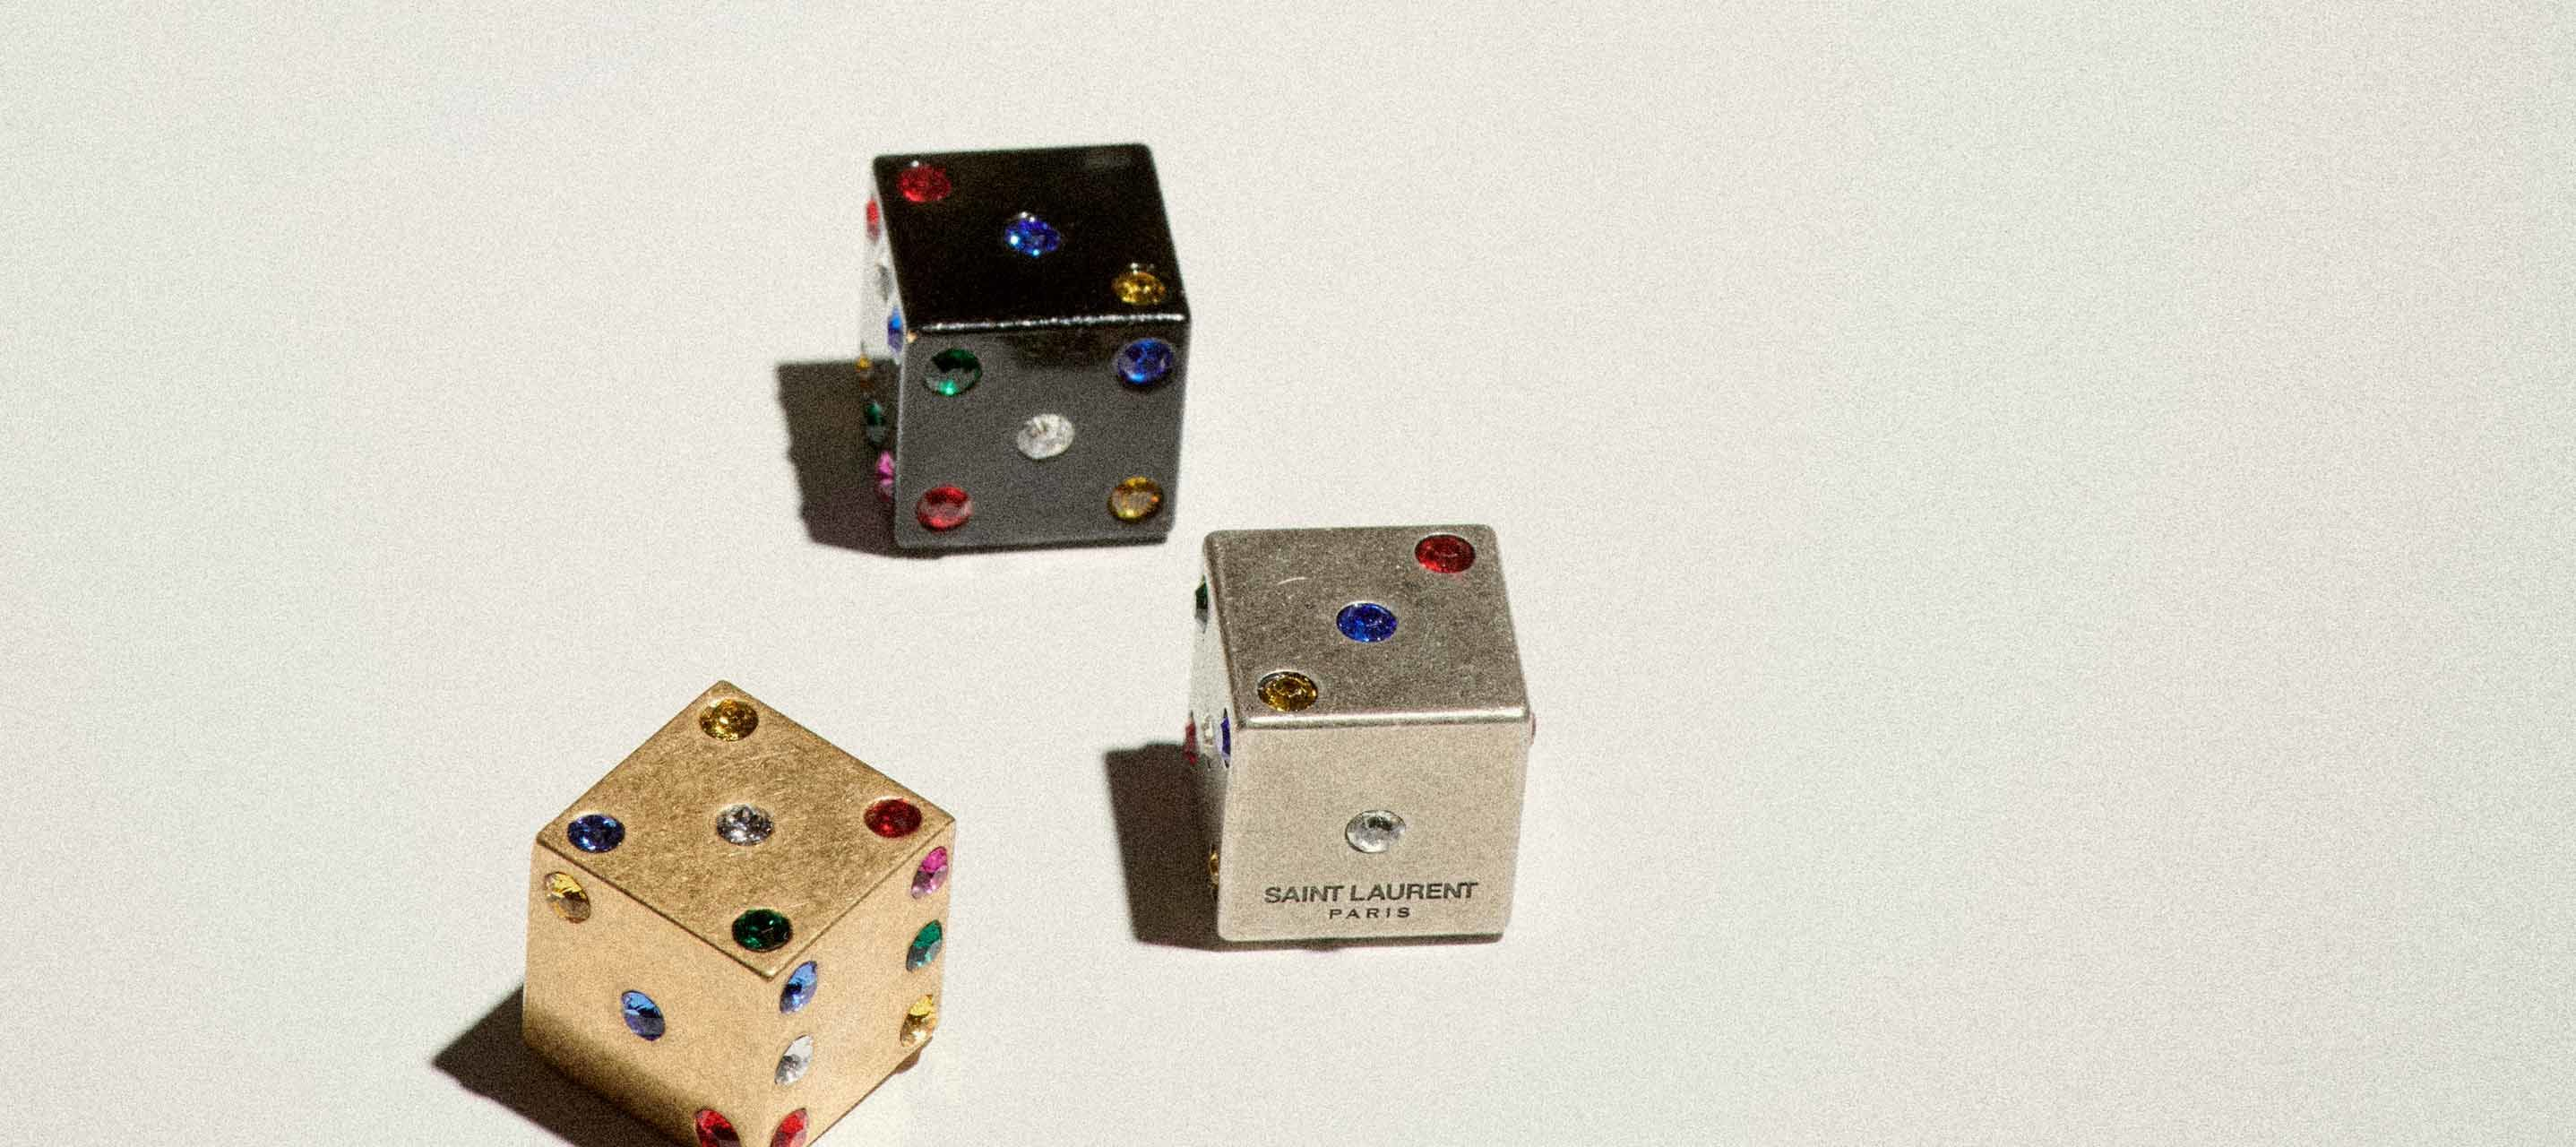 Saint Laurent Collectible Toys